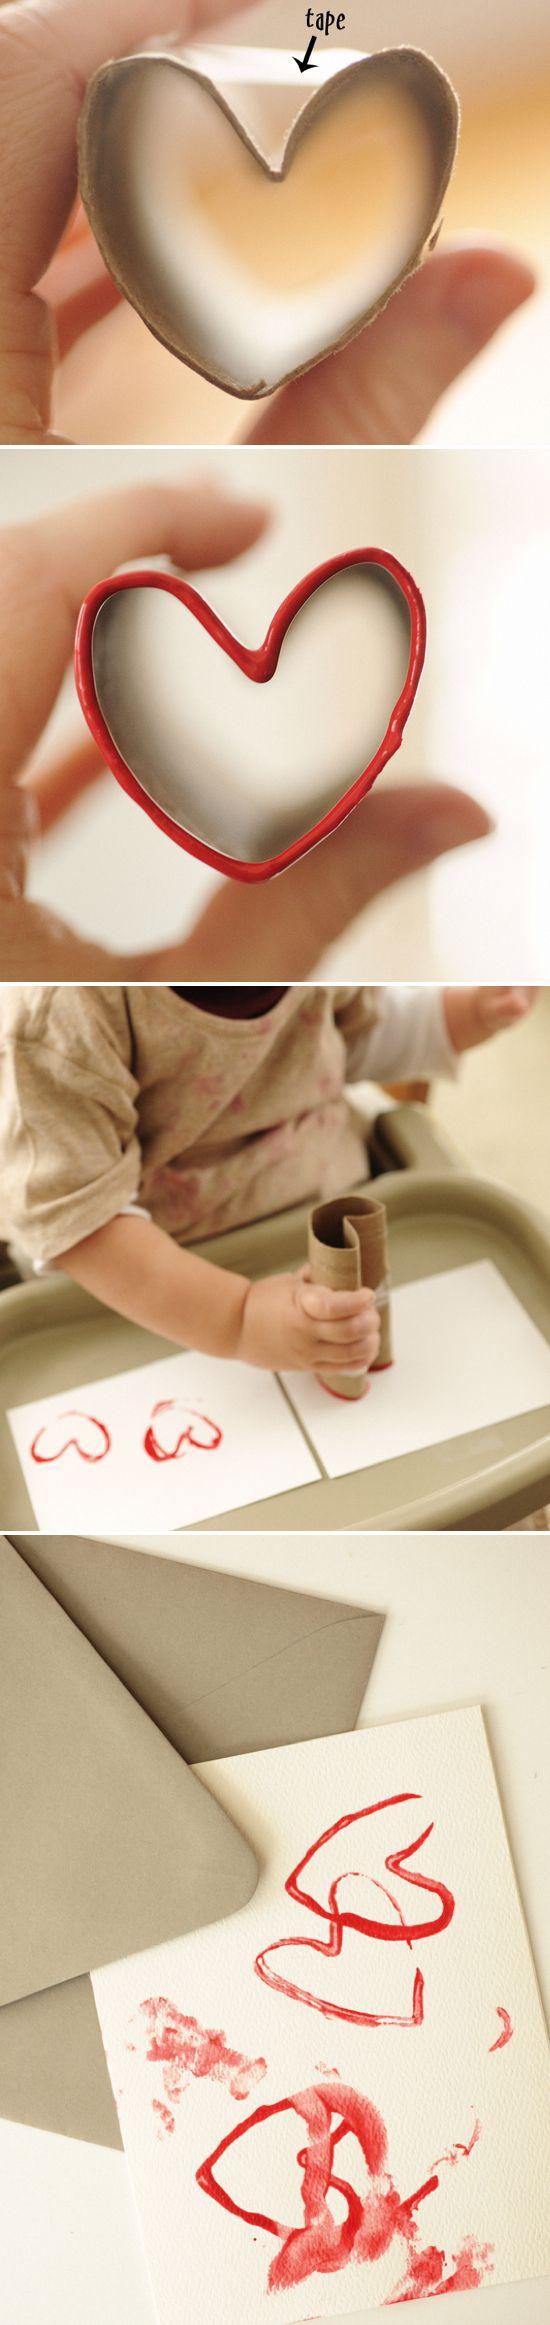 Manualidades Geniales con Rollos de Papel Higiénico